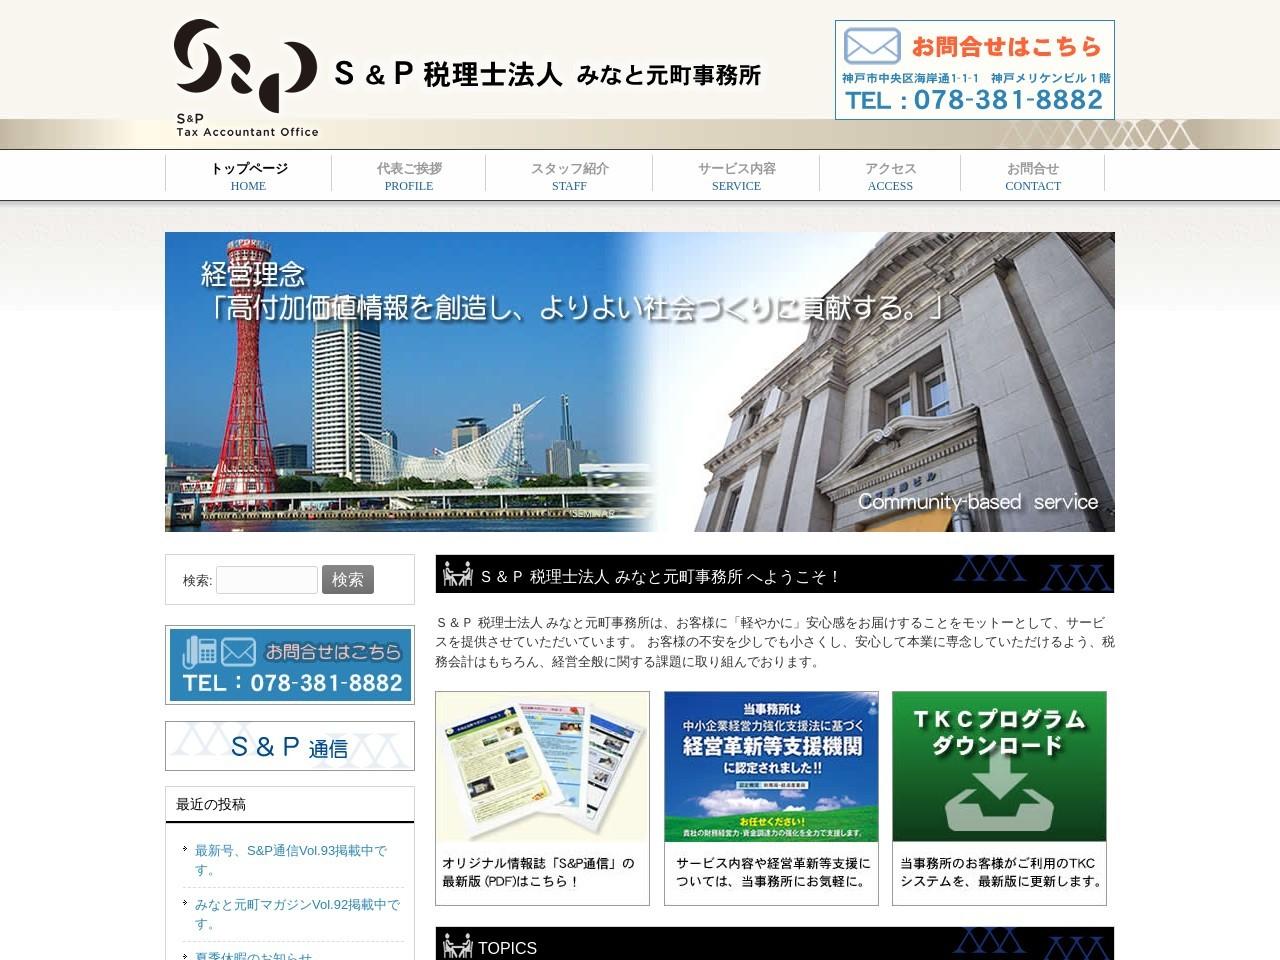 みなと元町会計事務所(税理士法人)